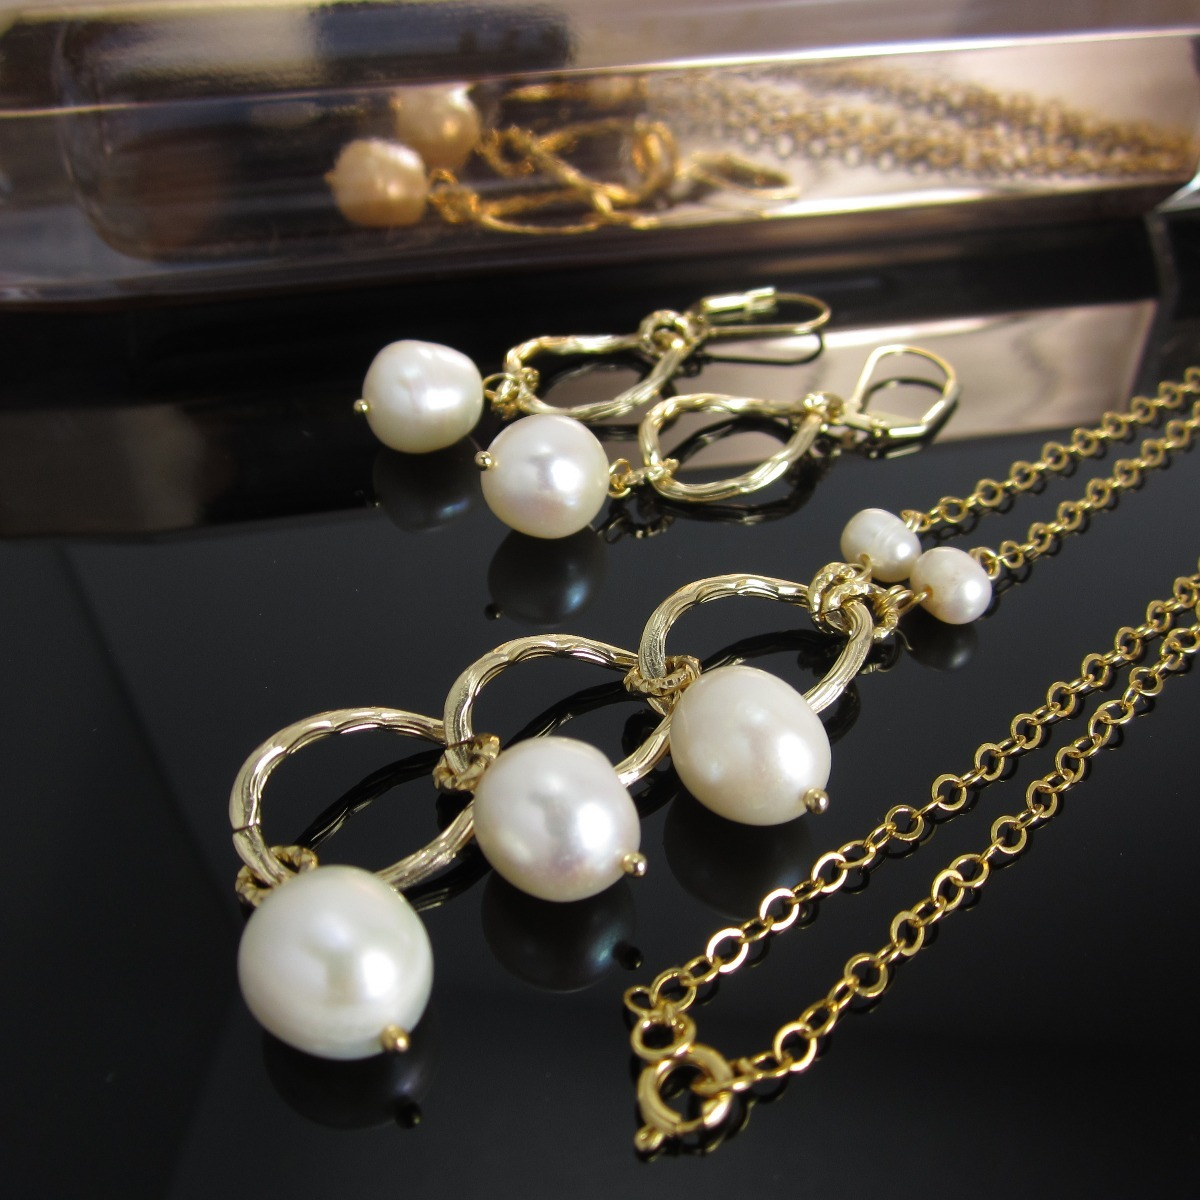 63703ff070f8 collares mujer cascada perlas cultivadas baño oro joyas. Cargando zoom.